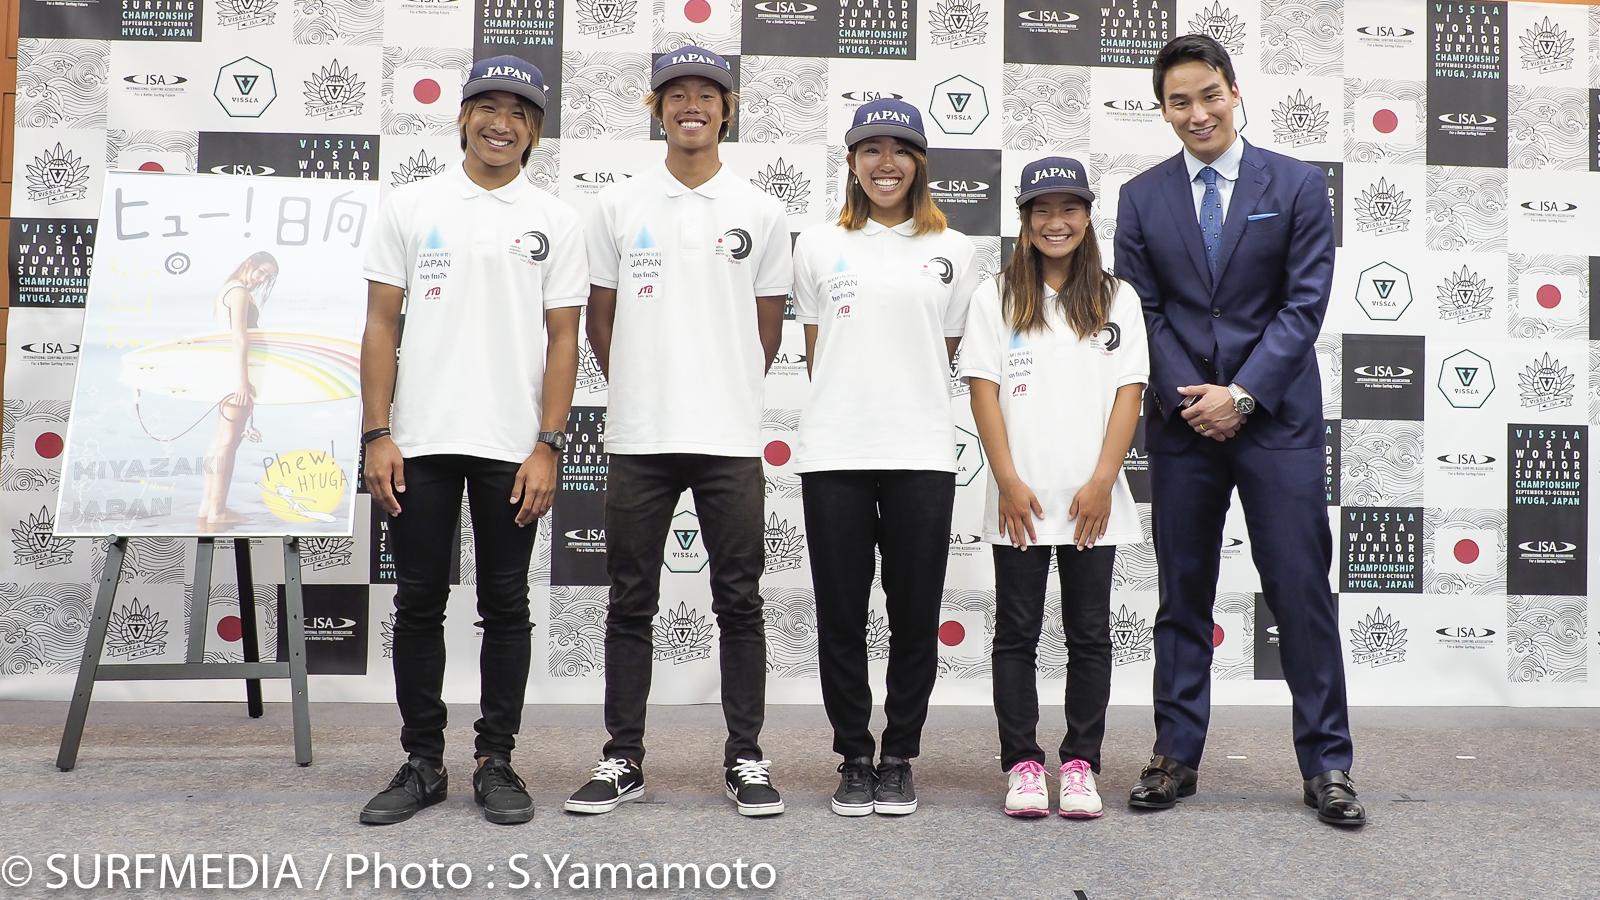 リオ五輪競泳代表の松田丈志氏が大会アンバサダー就任。写真右側